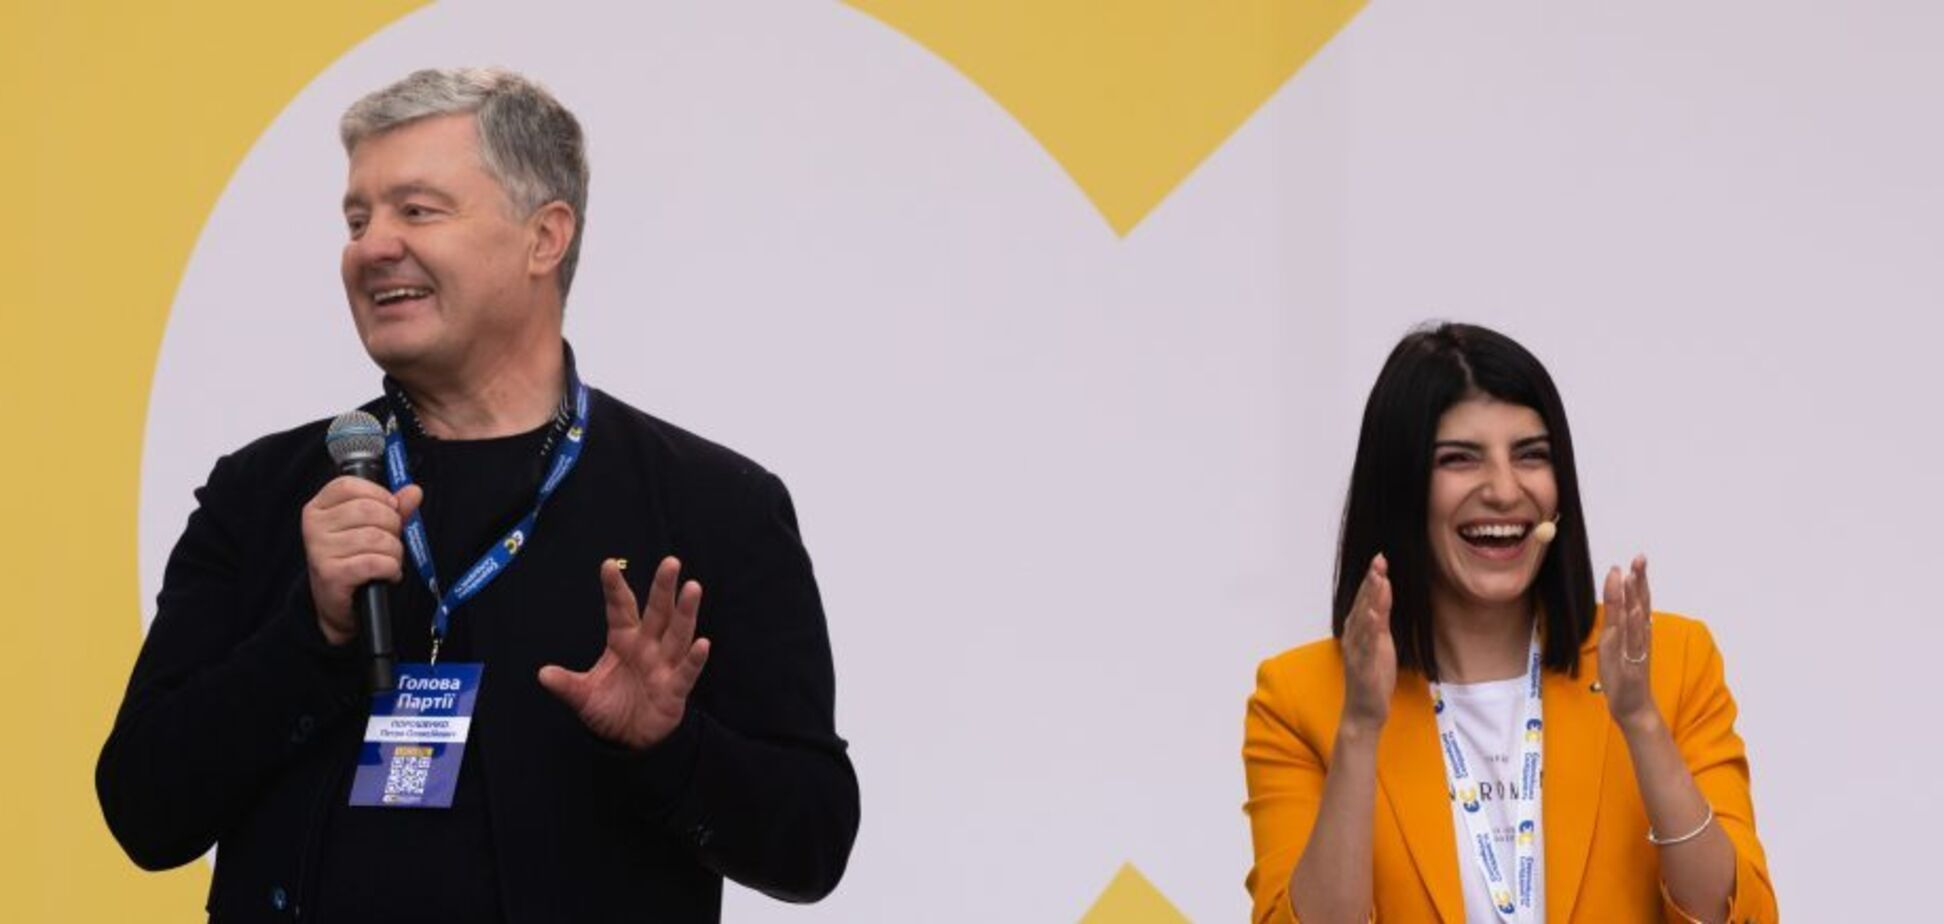 Порошенко презентував унікальну 'ЄС платформу' для депутатів